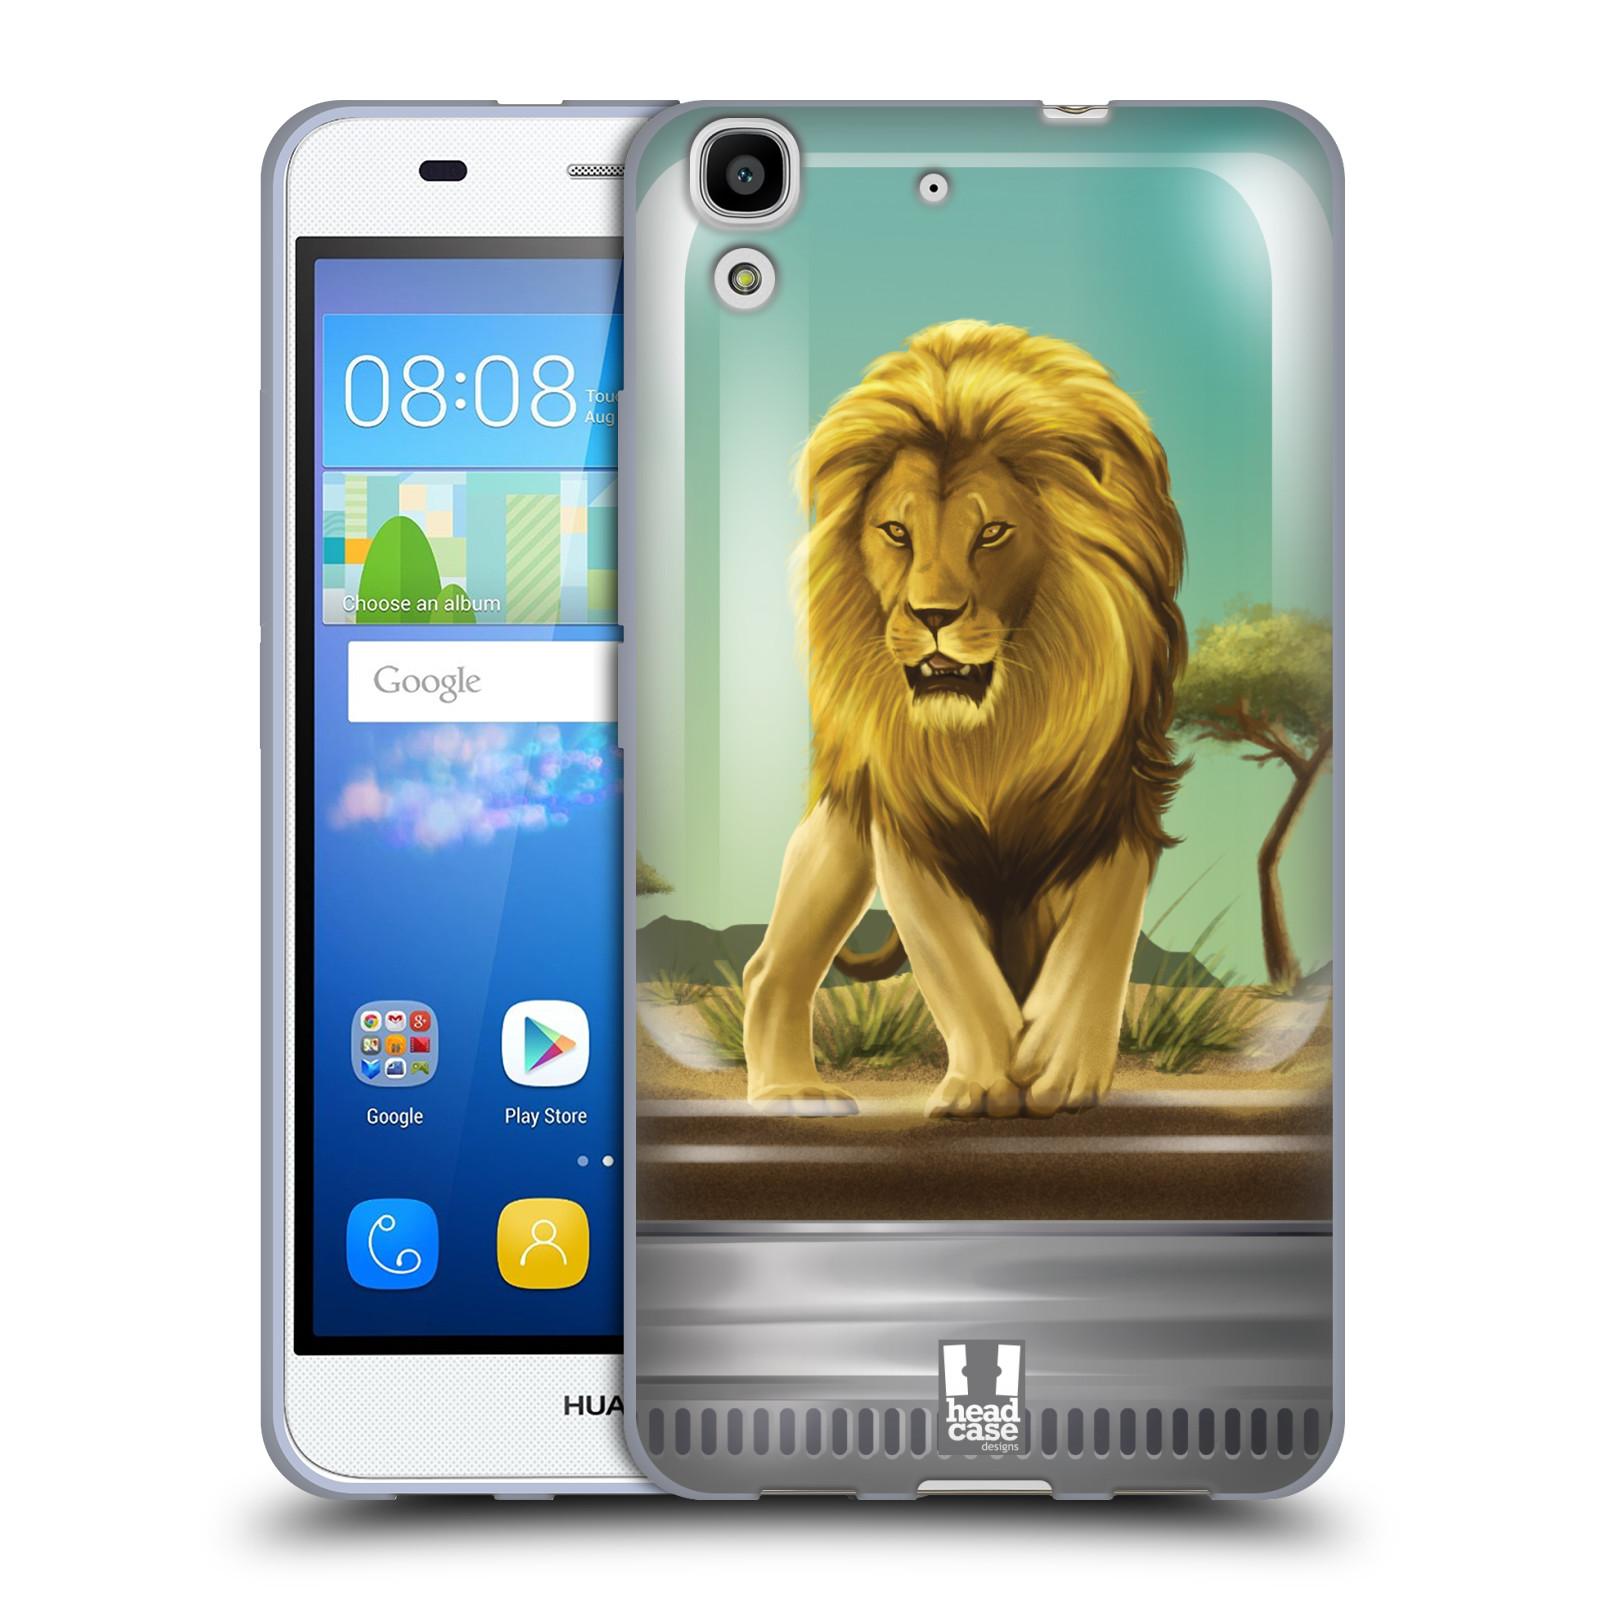 HEAD CASE silikonový obal na mobil HUAWEI Y6 vzor Zvířátka v těžítku lev